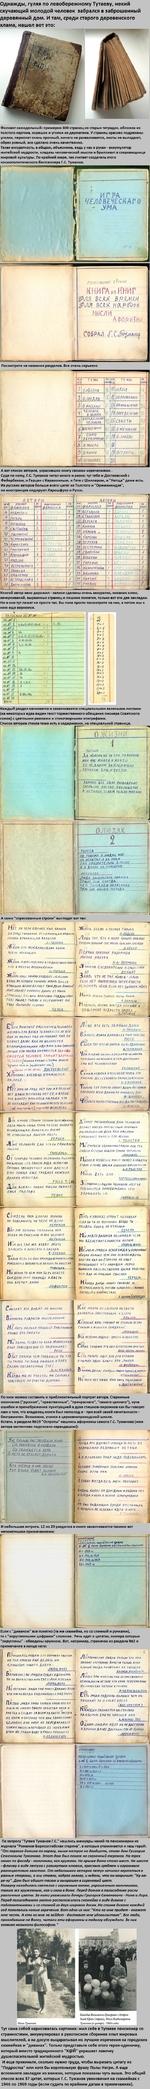 Однажды, гуляя по левобережному Тутаеву, некий скучающий молодой человек забрался в заброшенный деревянный дом. И там, среди старого деревенского хлама, нашел вот это: Фолиант самодельный: примерно 300 страниц из старых тетрадок, обложка из толстого картона, корешок и уголки из дерматина. У страни